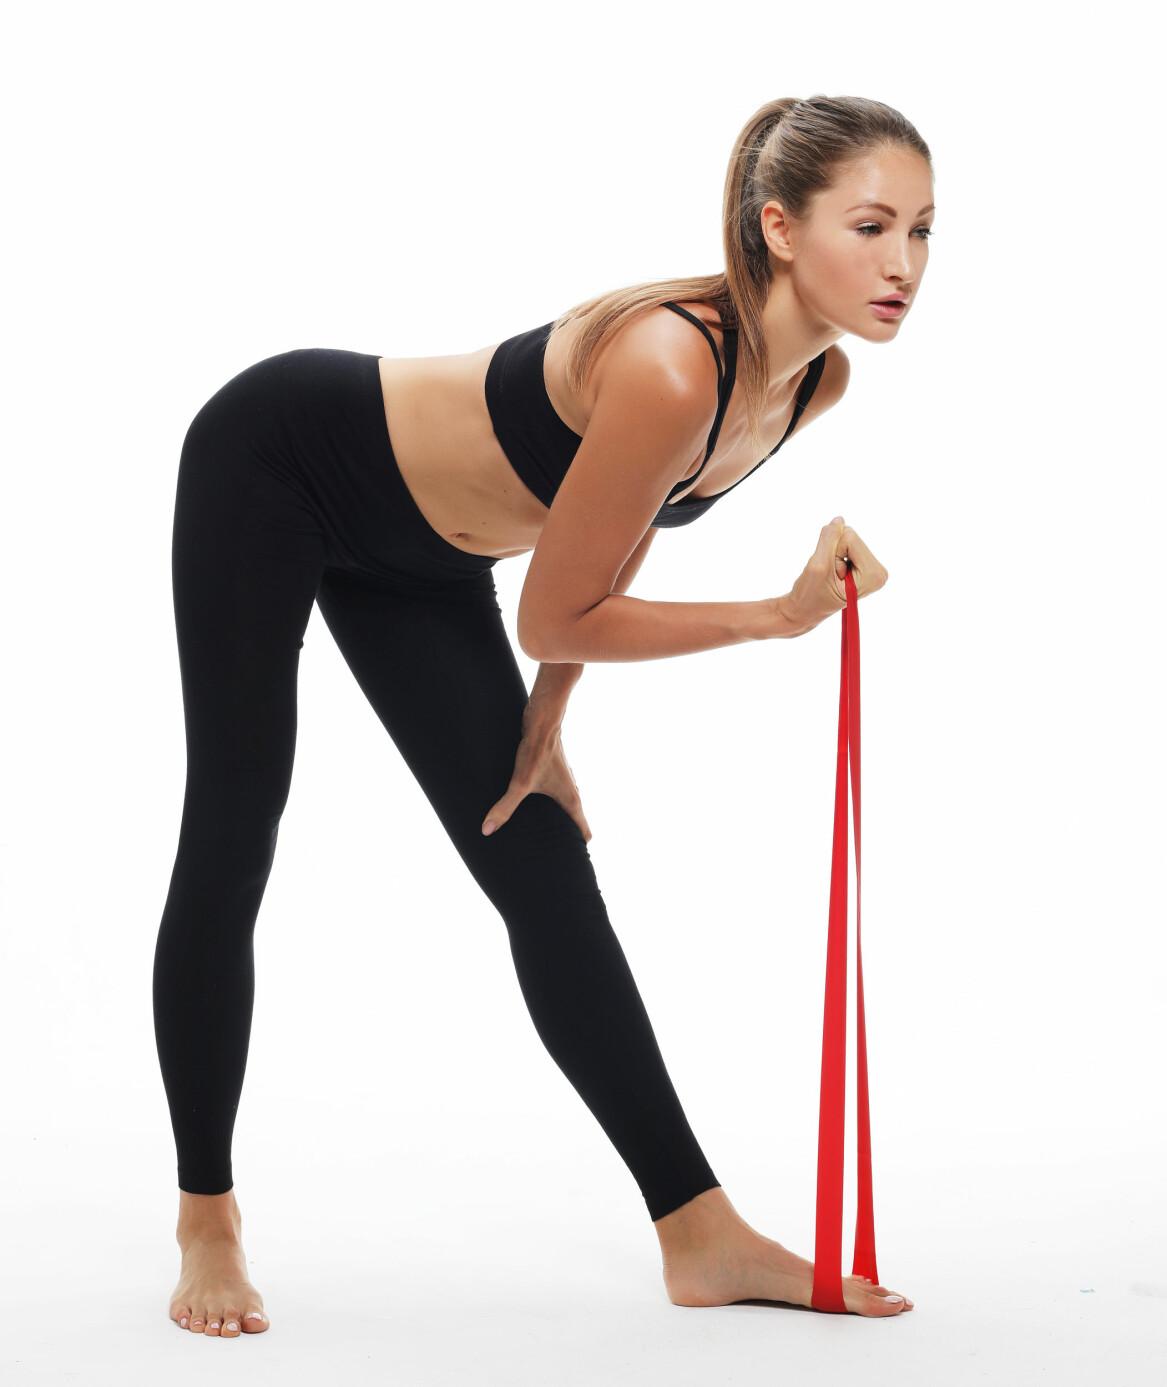 Kvinna tränar med gummiband.